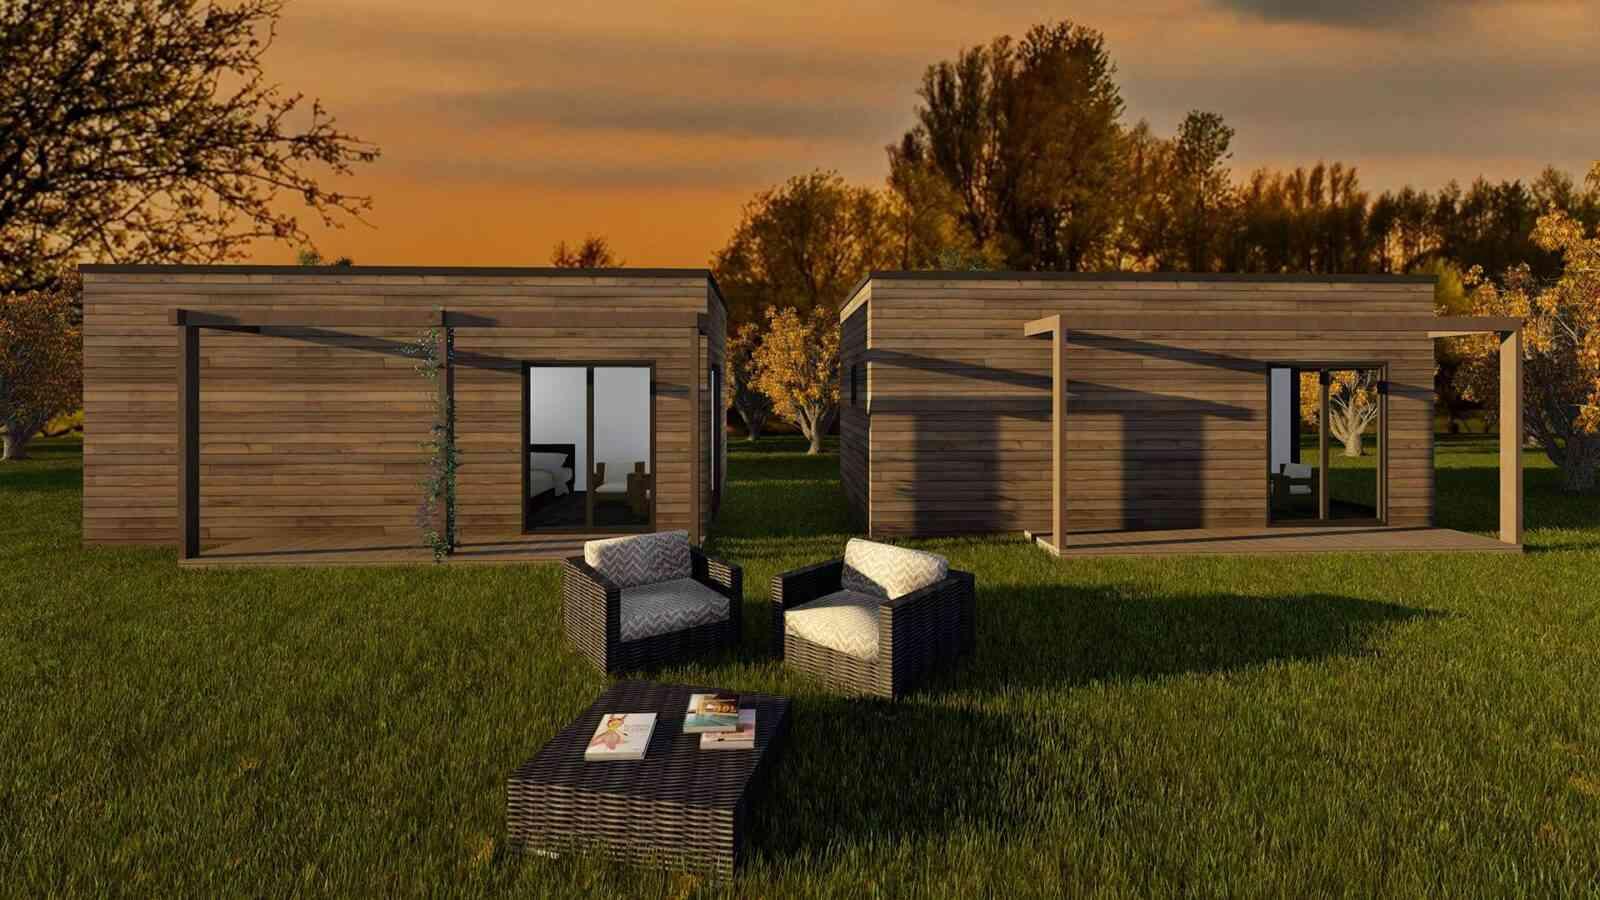 Confira o preço e as características do Casa de madeira pré-fabricada Solução Turismo 31m², da construtora Novo Habitat, em Portugal.